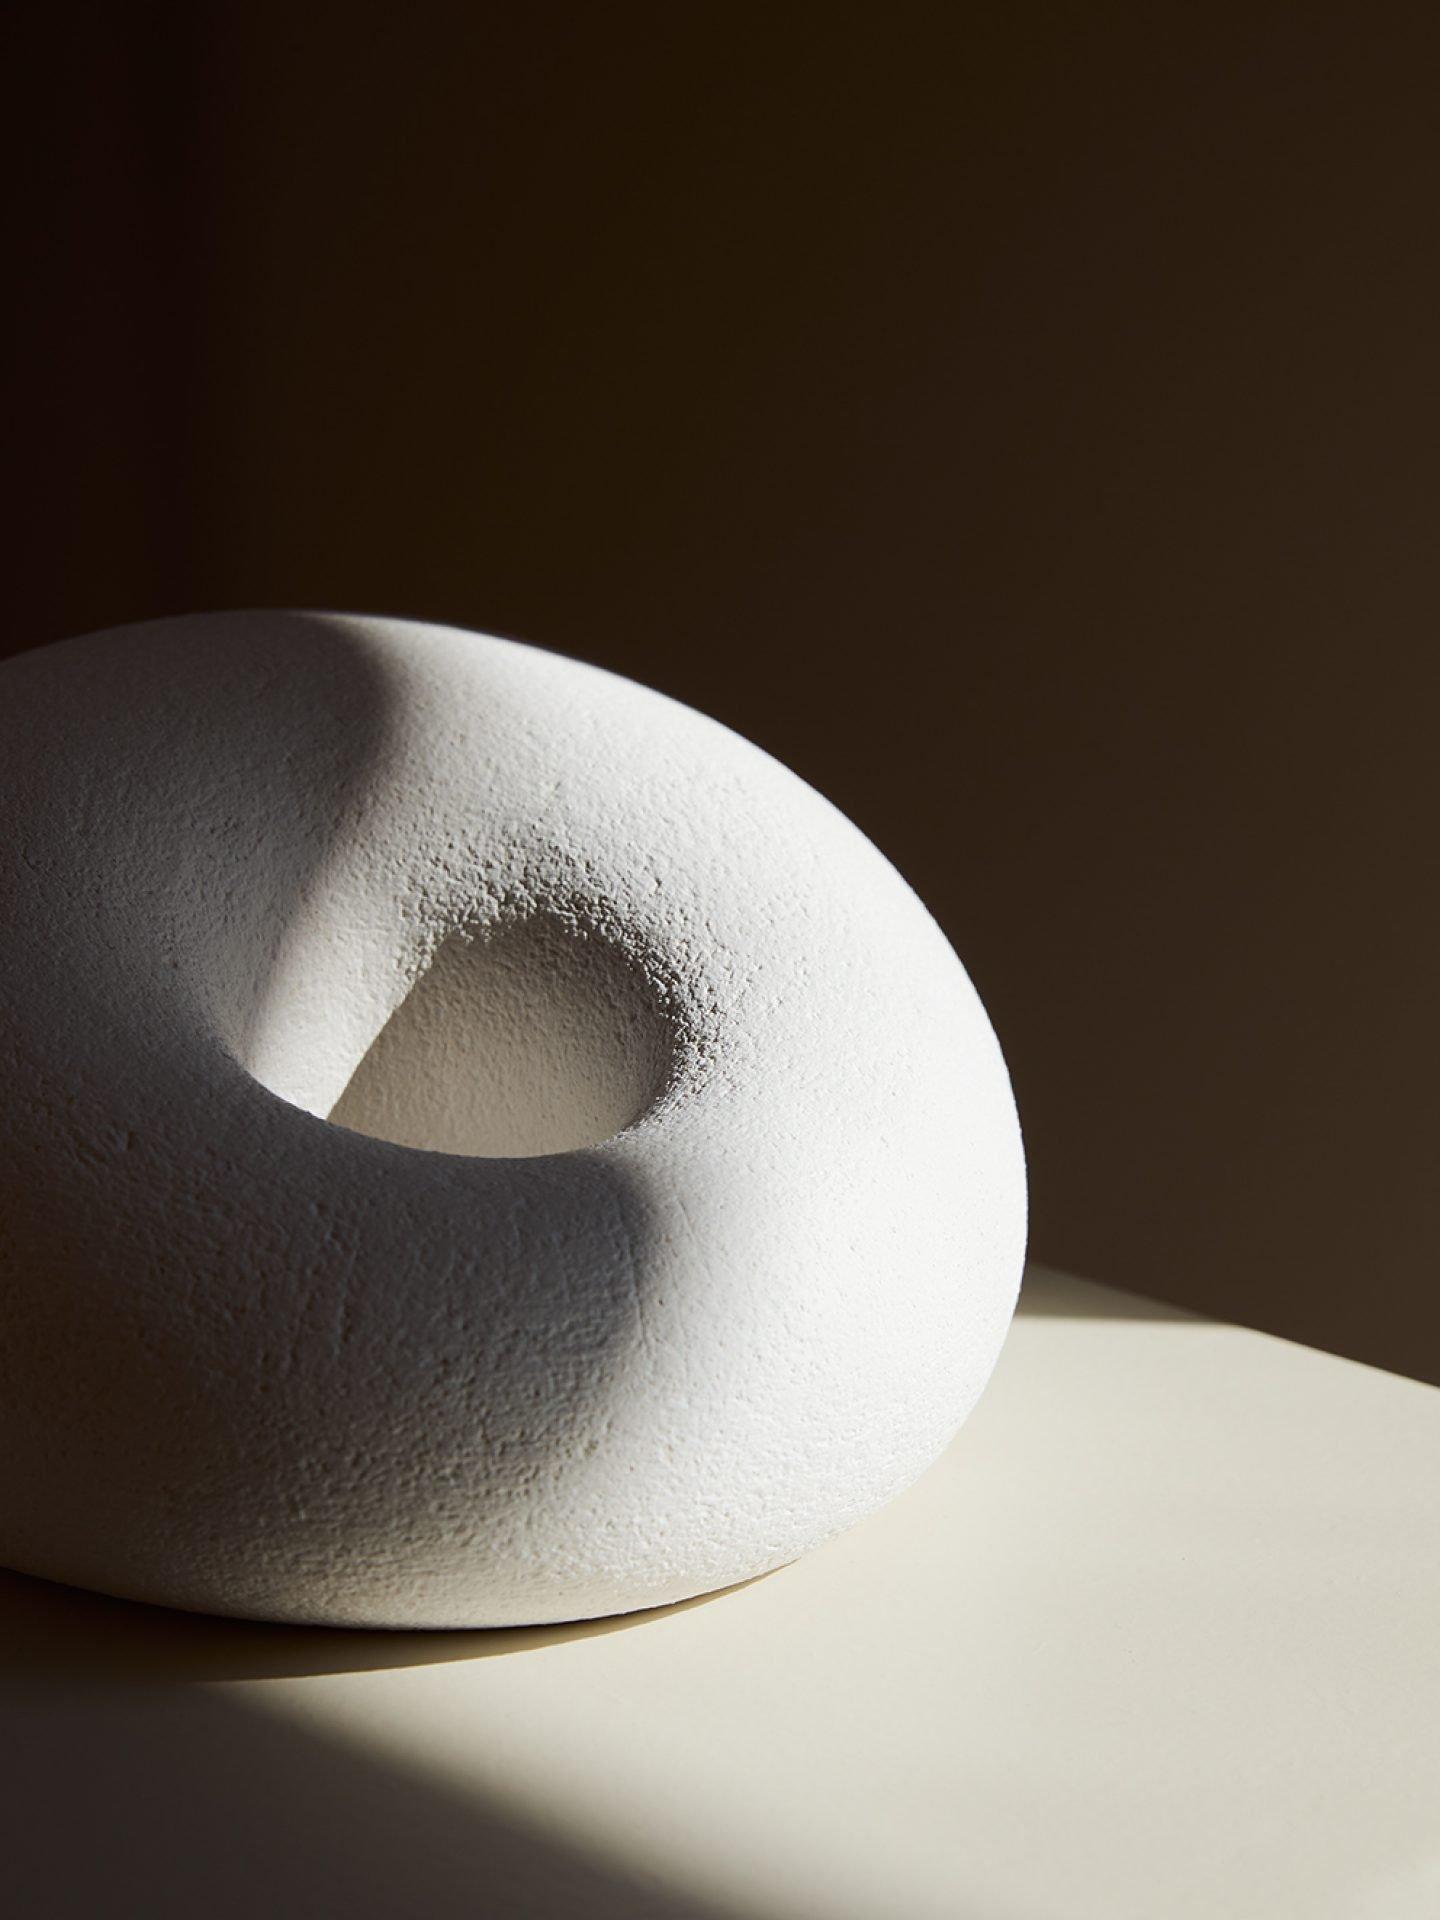 IGNANT-ART-Sculpture-Alium-02